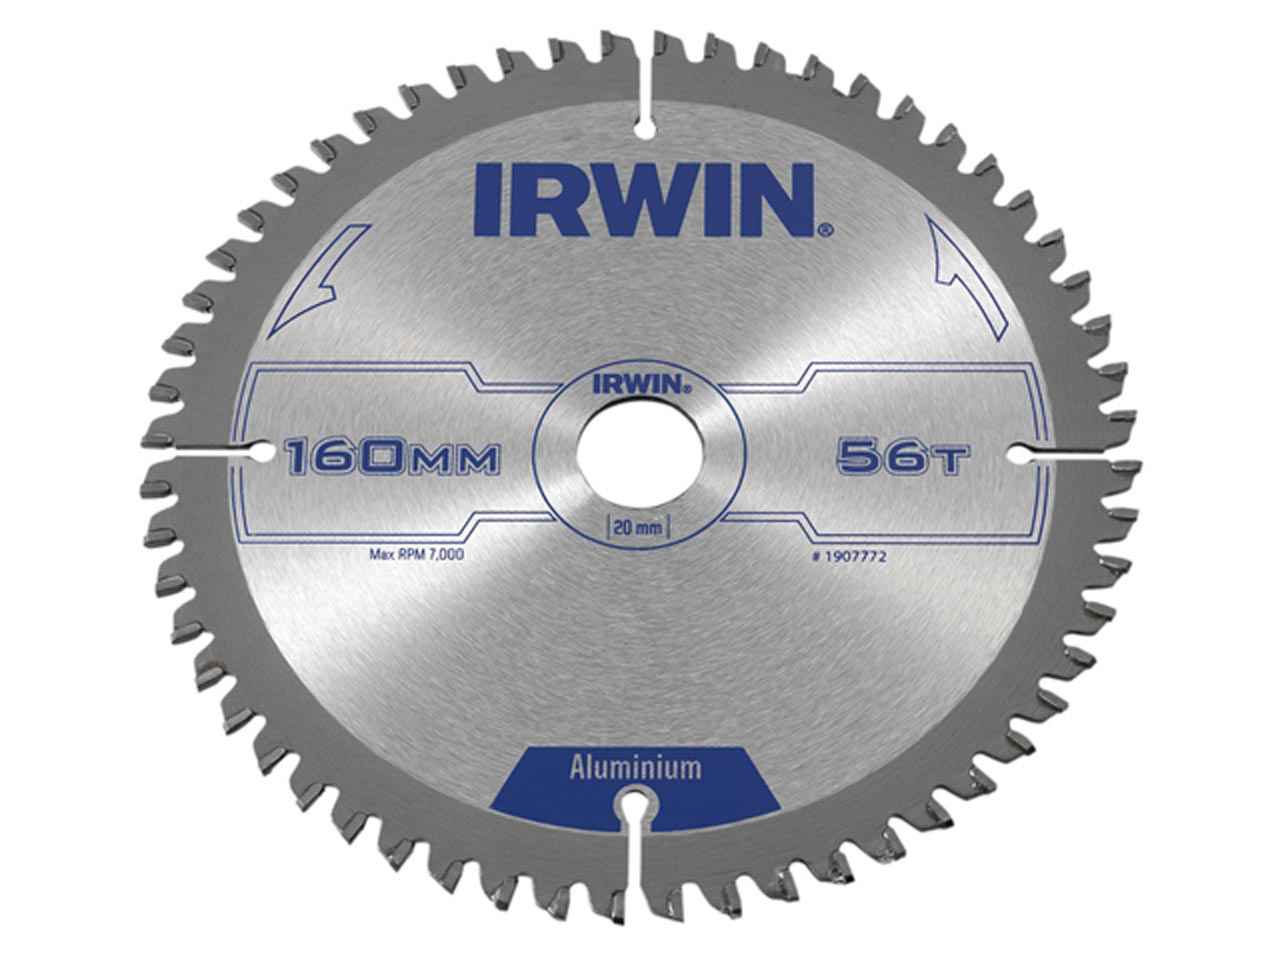 IRW1907772.JPG